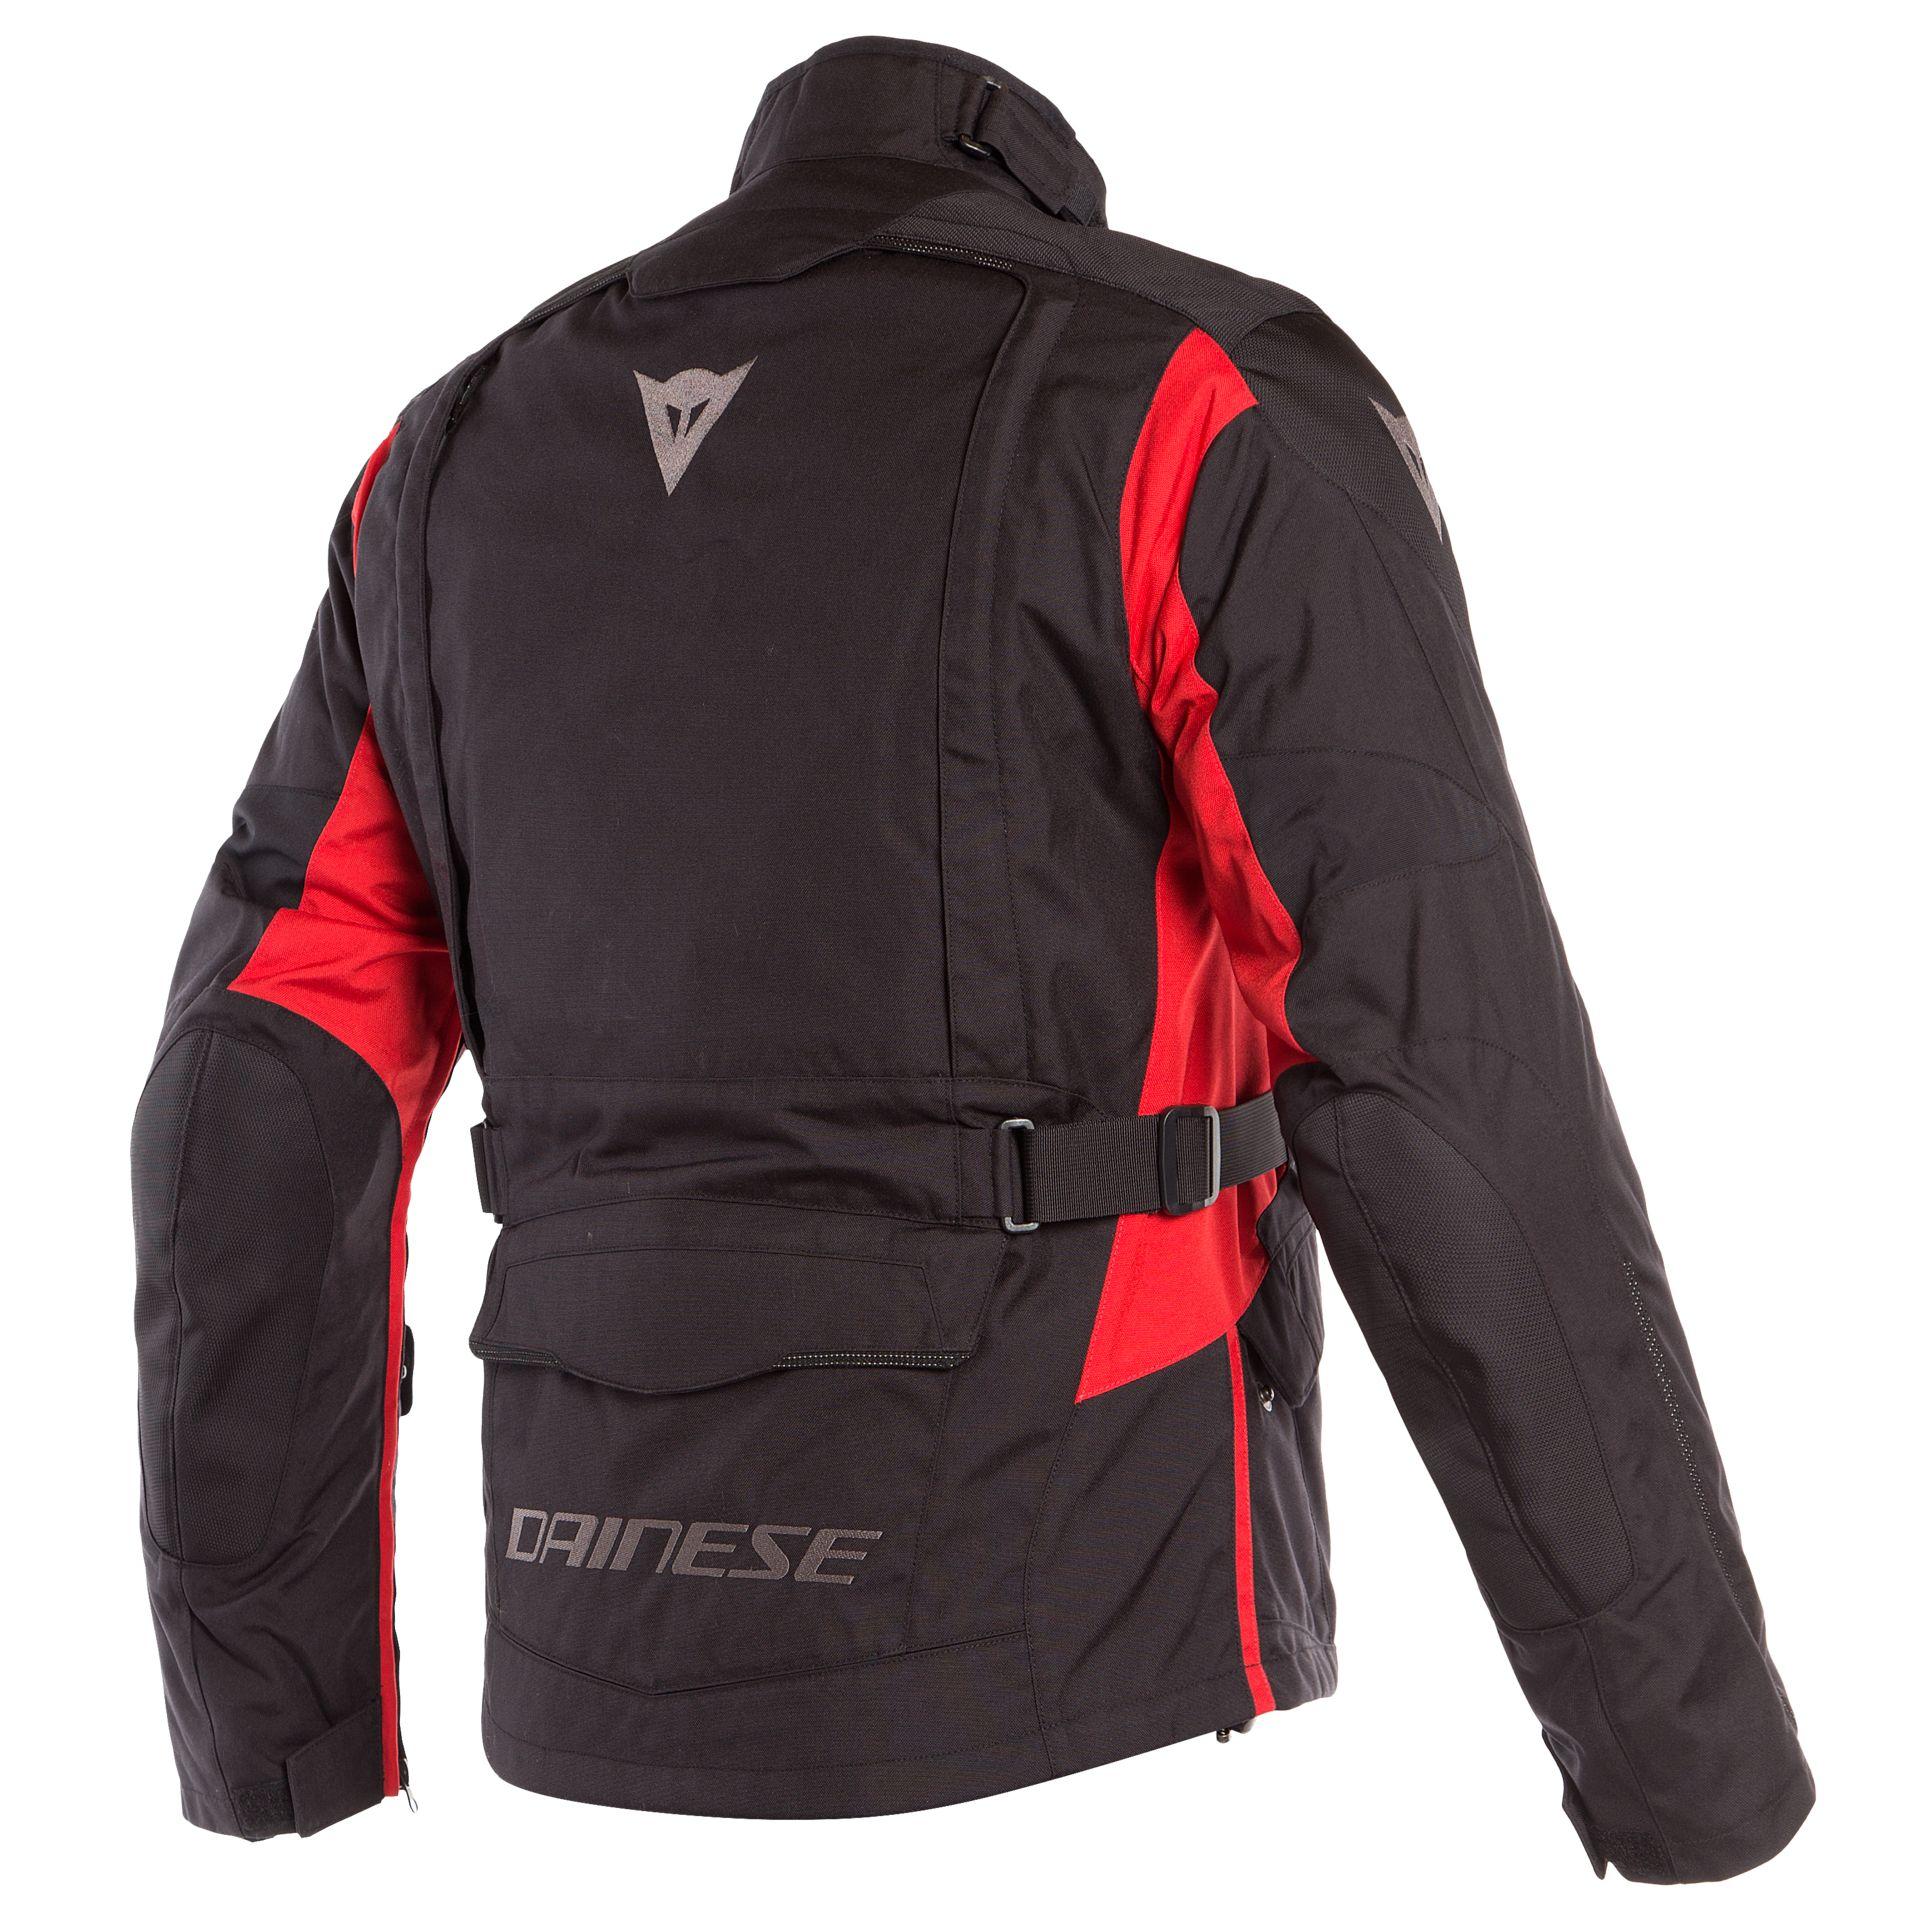 a1375f7126c Cazadoras Dainese X-TOURER D-DRY - Cazadoras y chaquetas moto ...